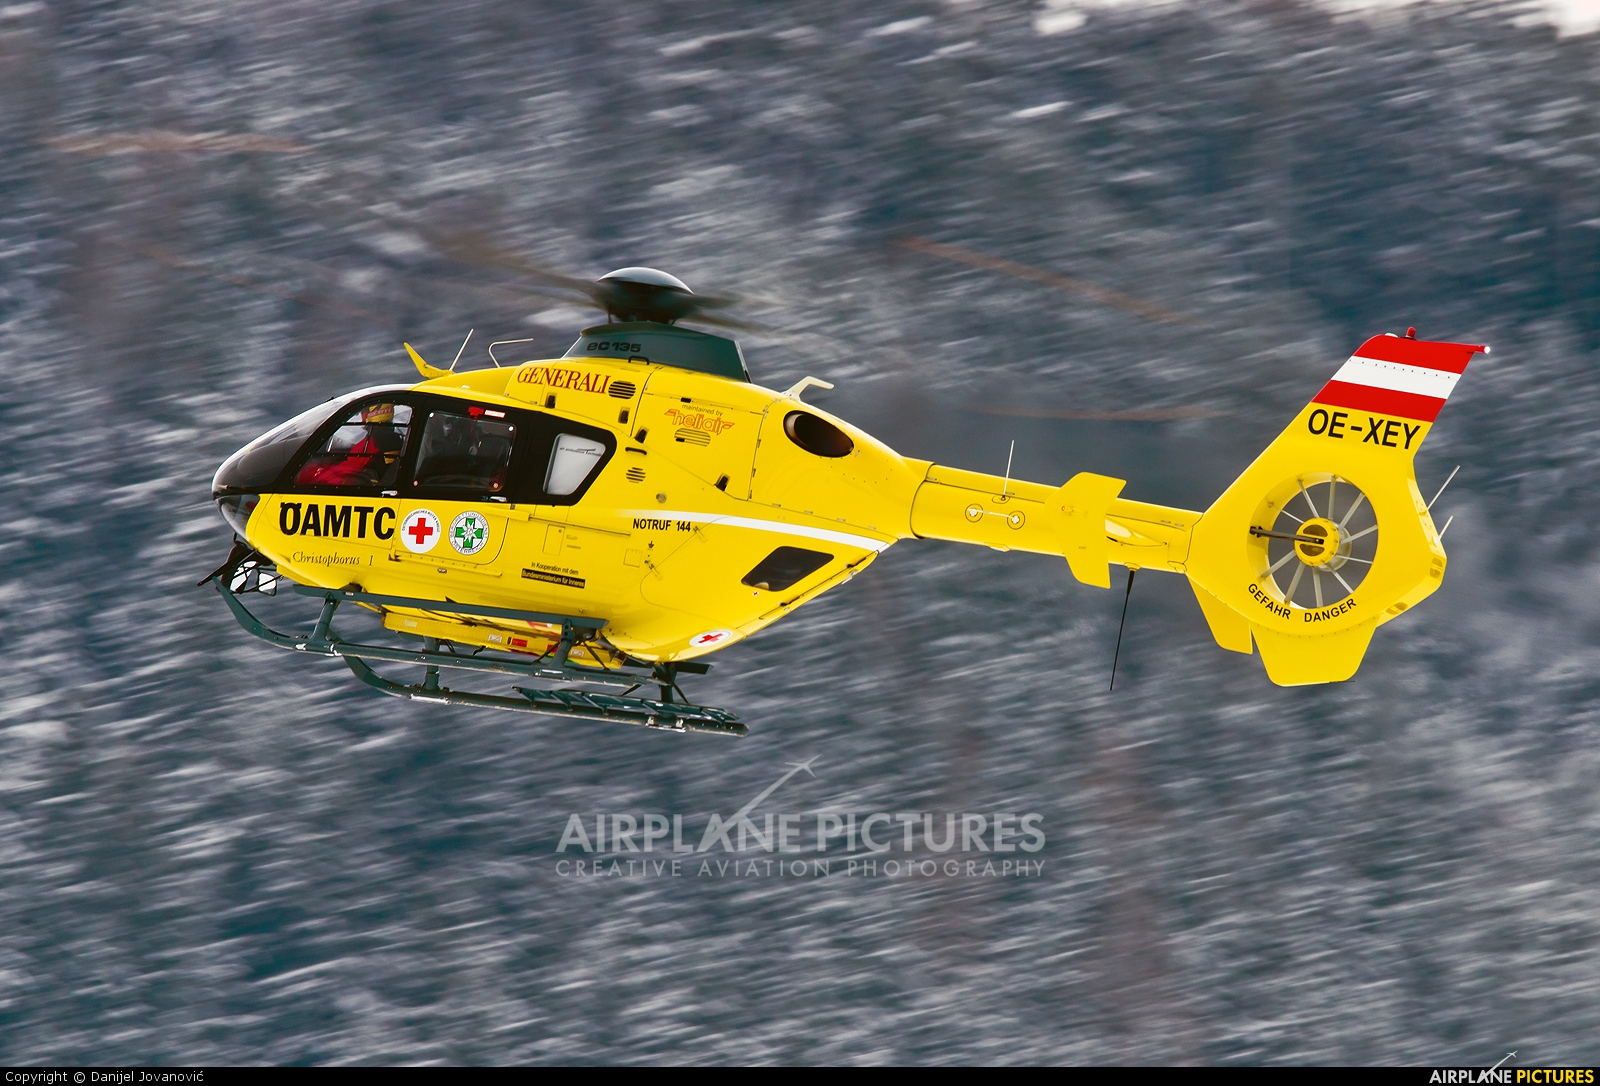 OAMTC OE-XEY aircraft at Innsbruck